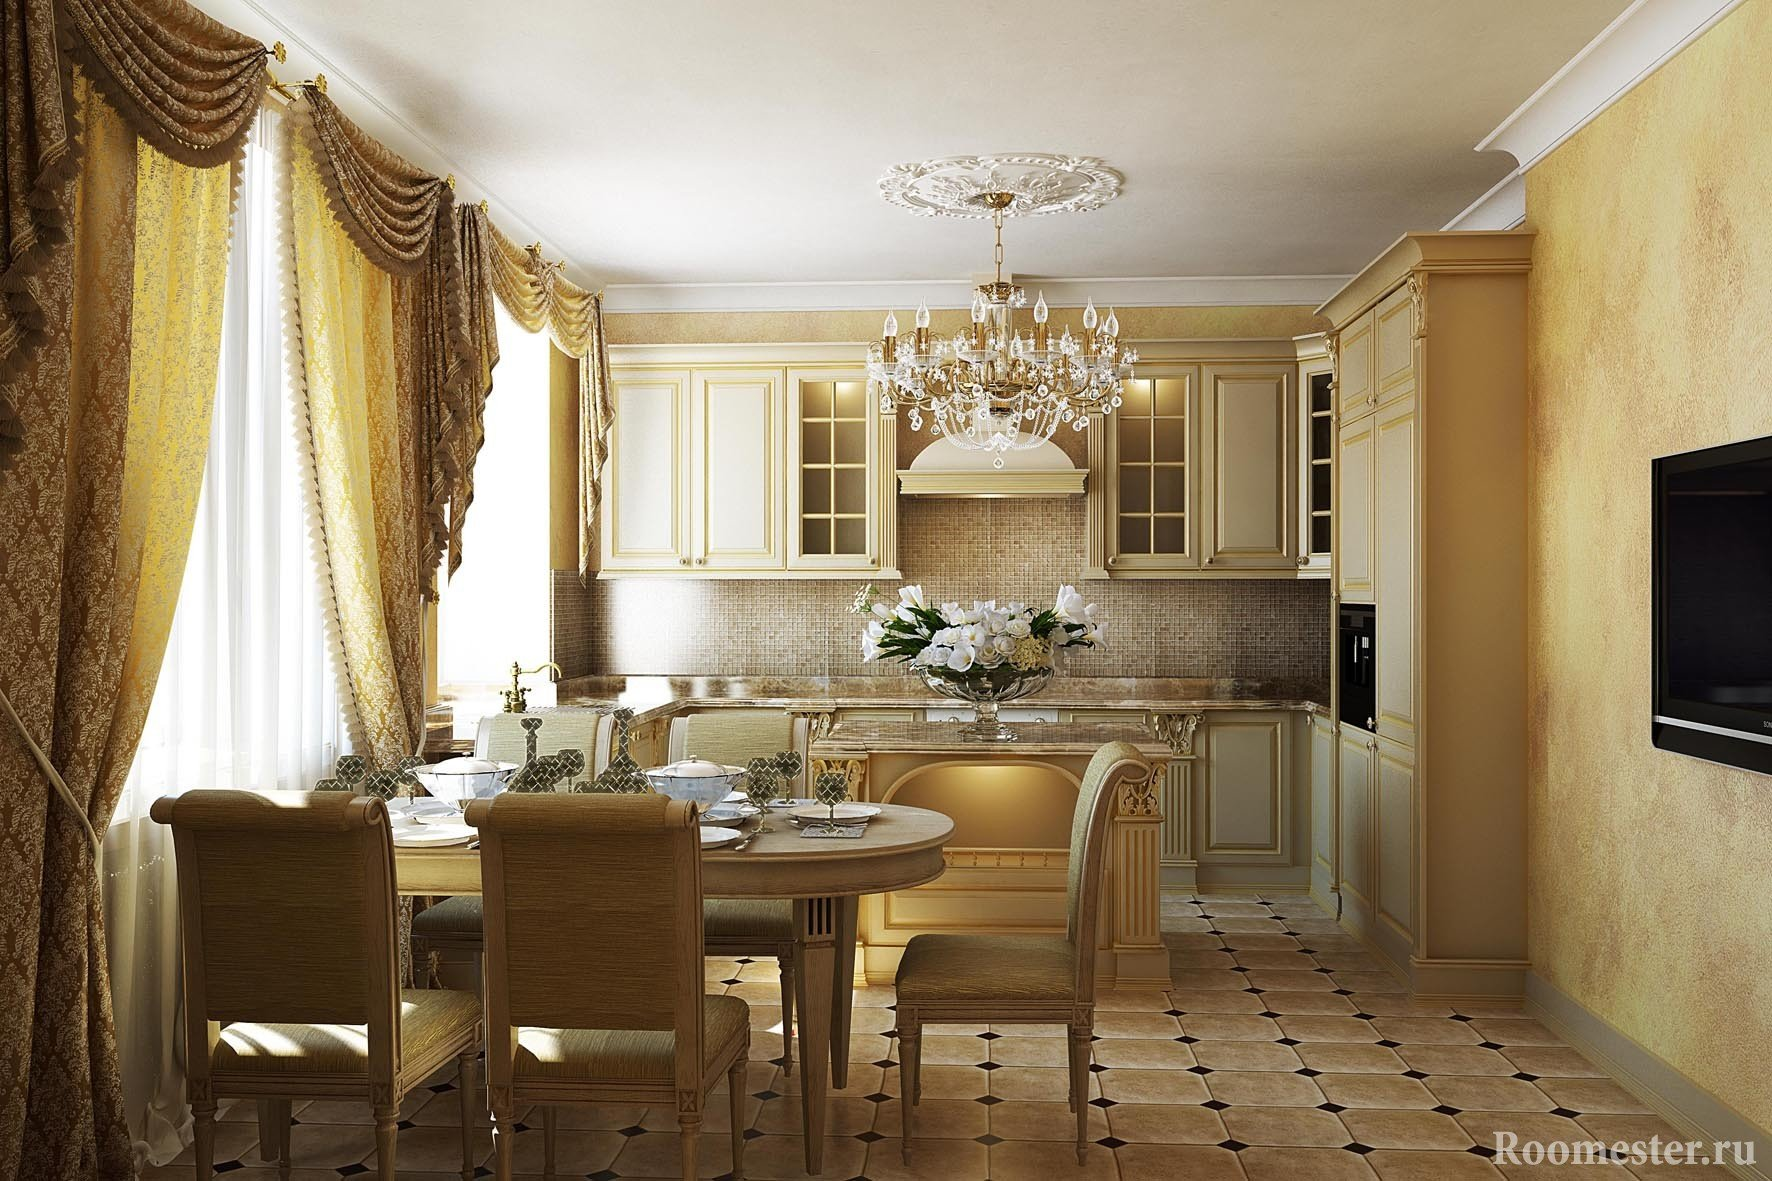 Классическая кухня со столовой